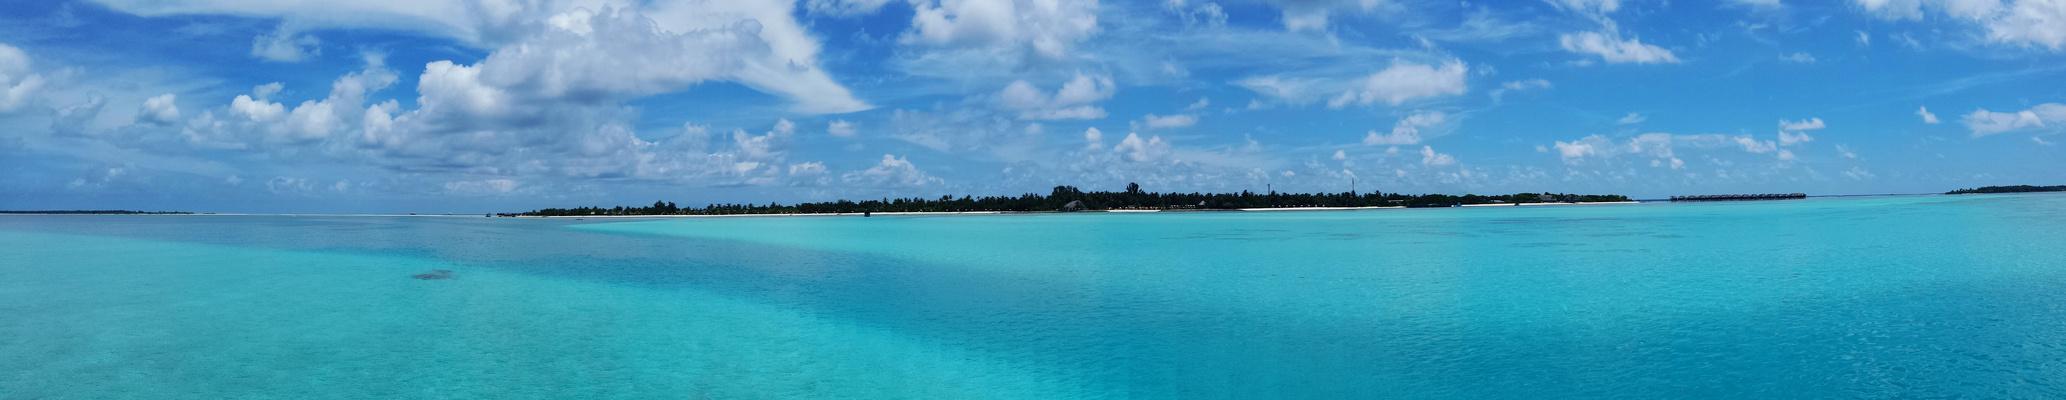 Maldives Panorama